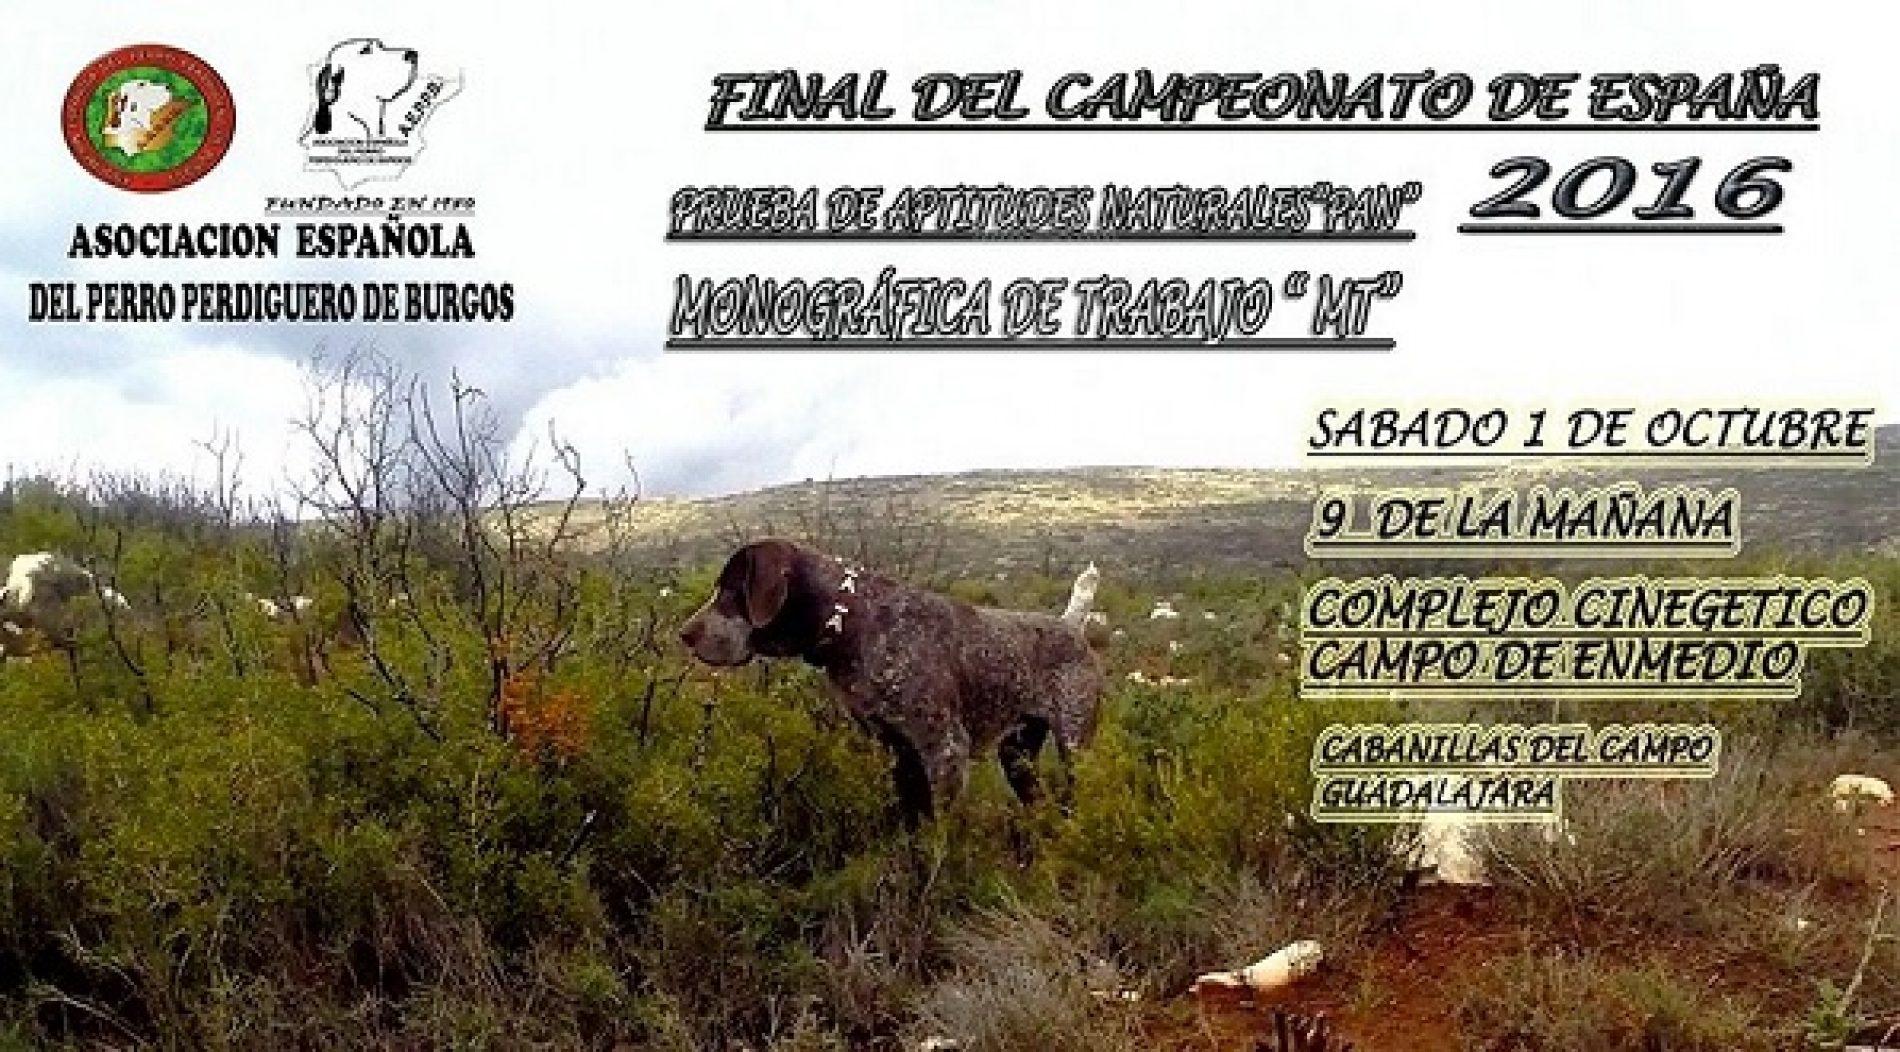 Final del Campeonato de España del Perdiguero de Burgos